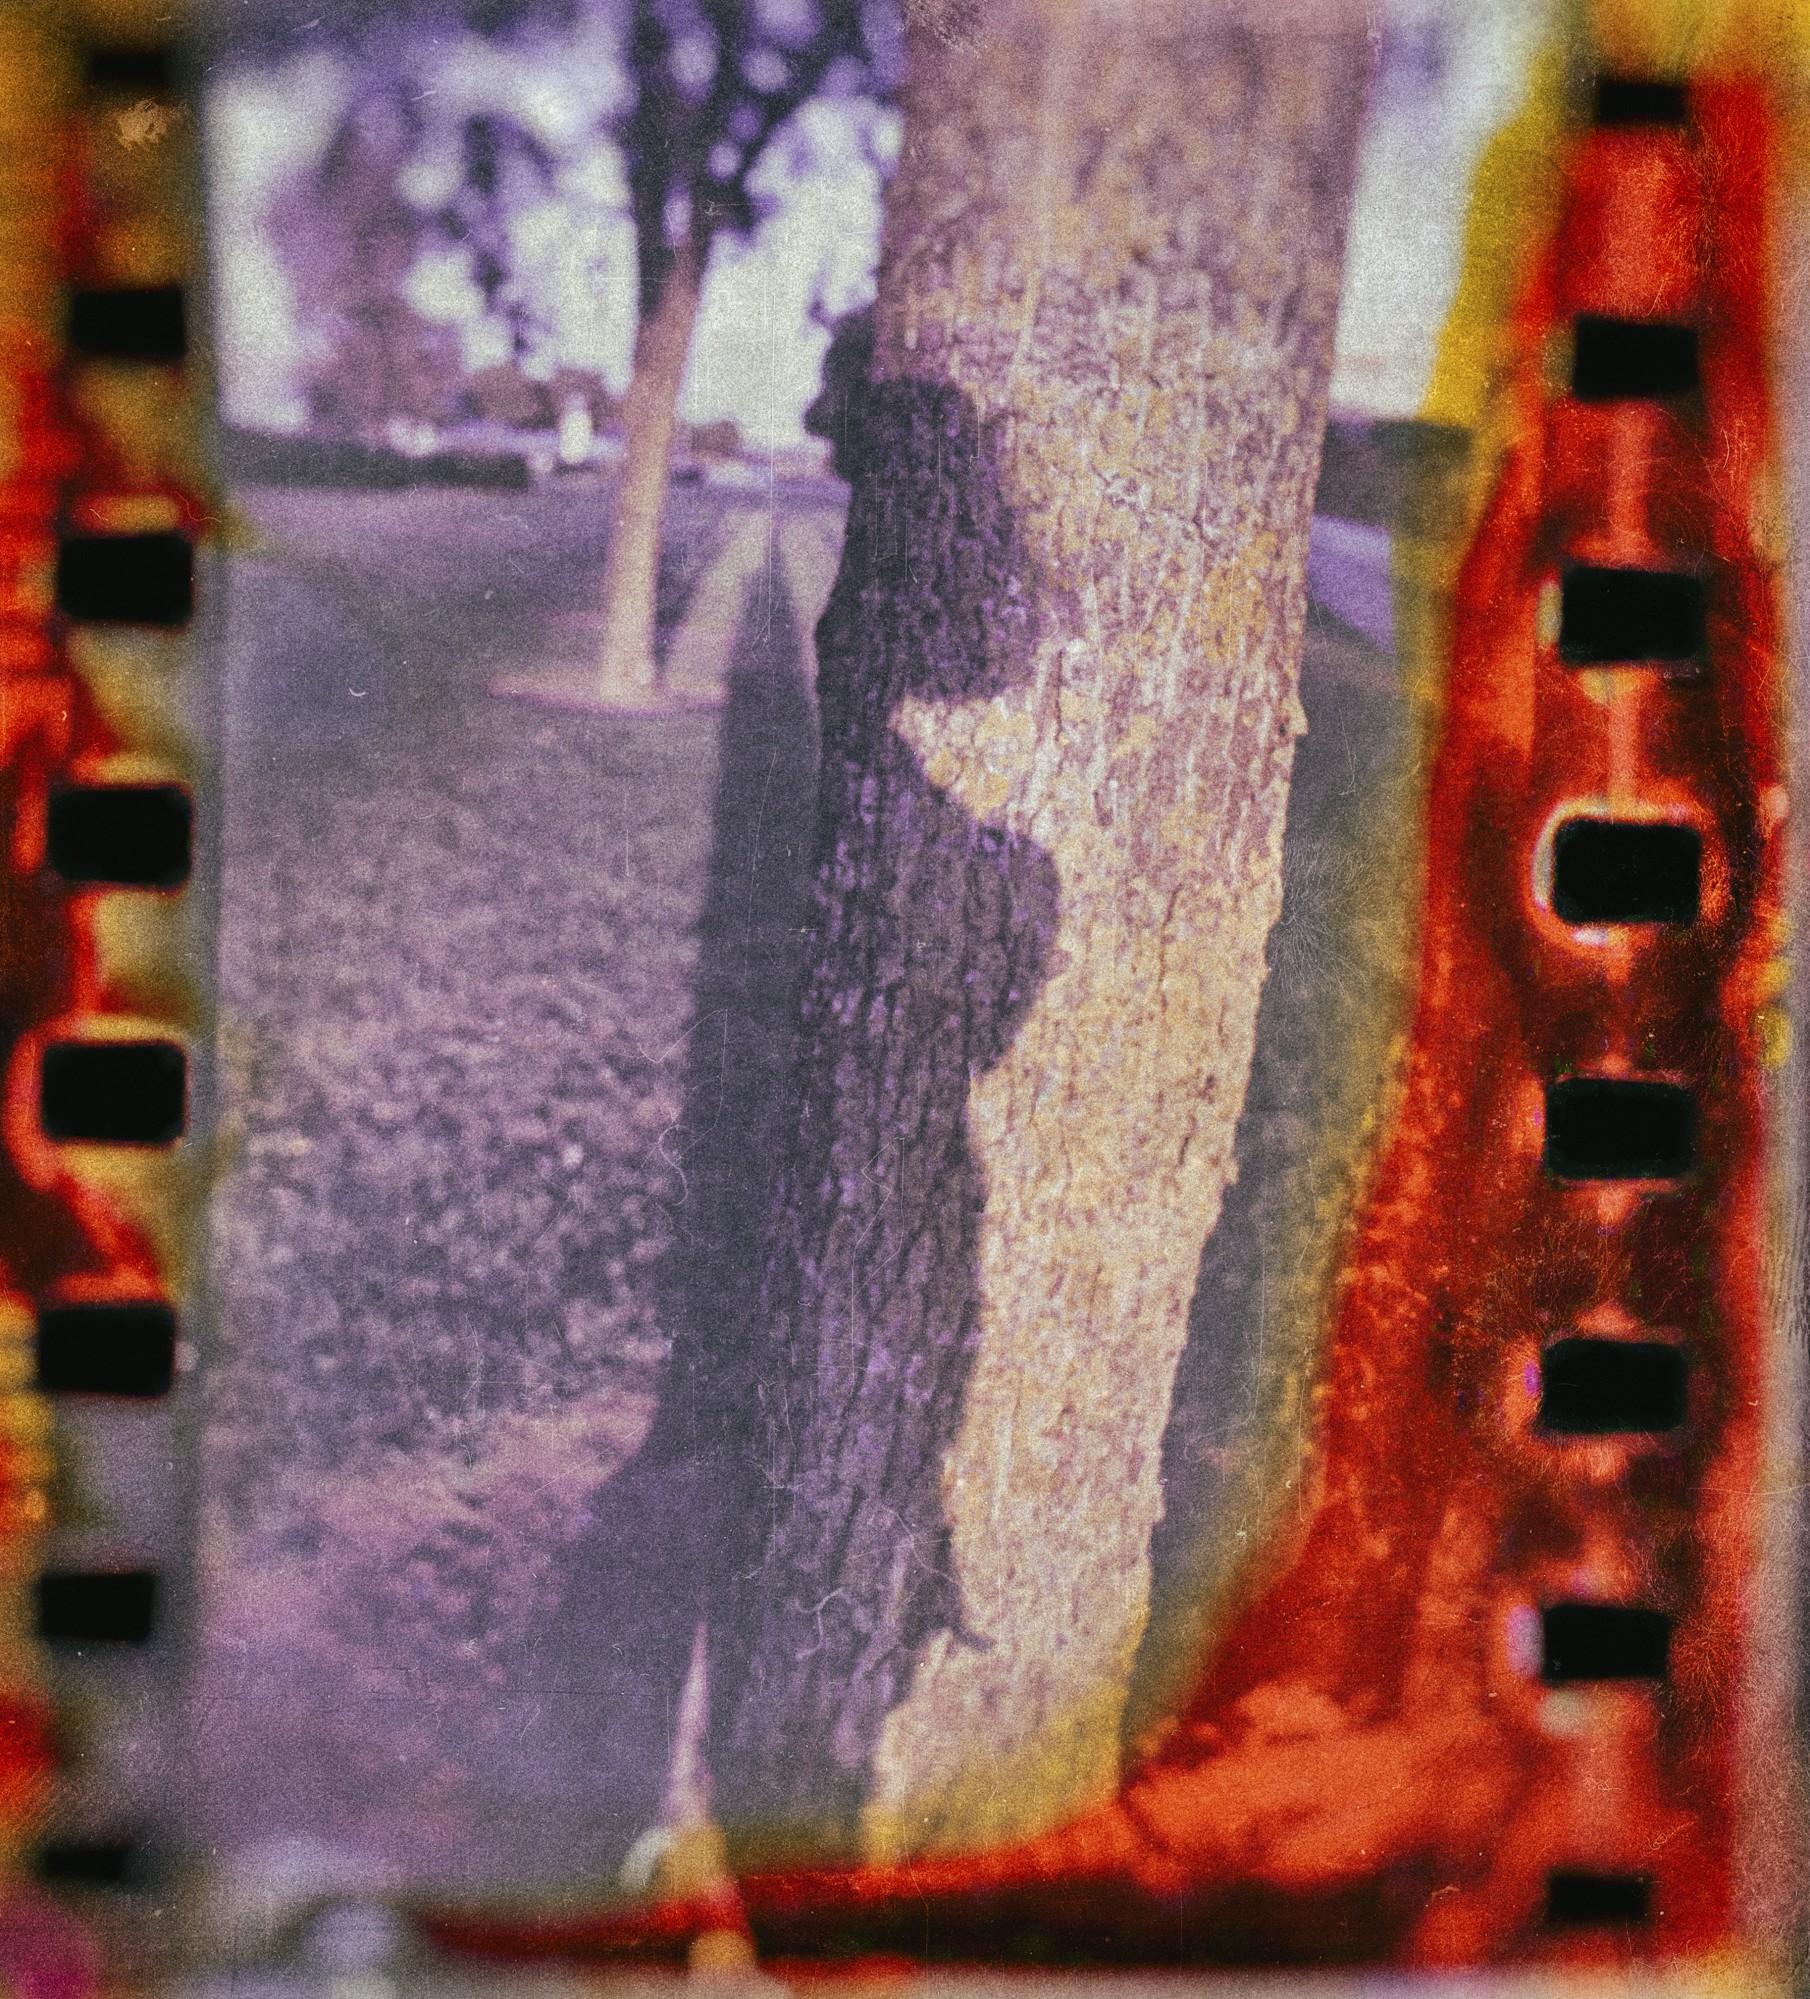 Fotosensibles Proyecto fotográfico analógico. Autorretrato.